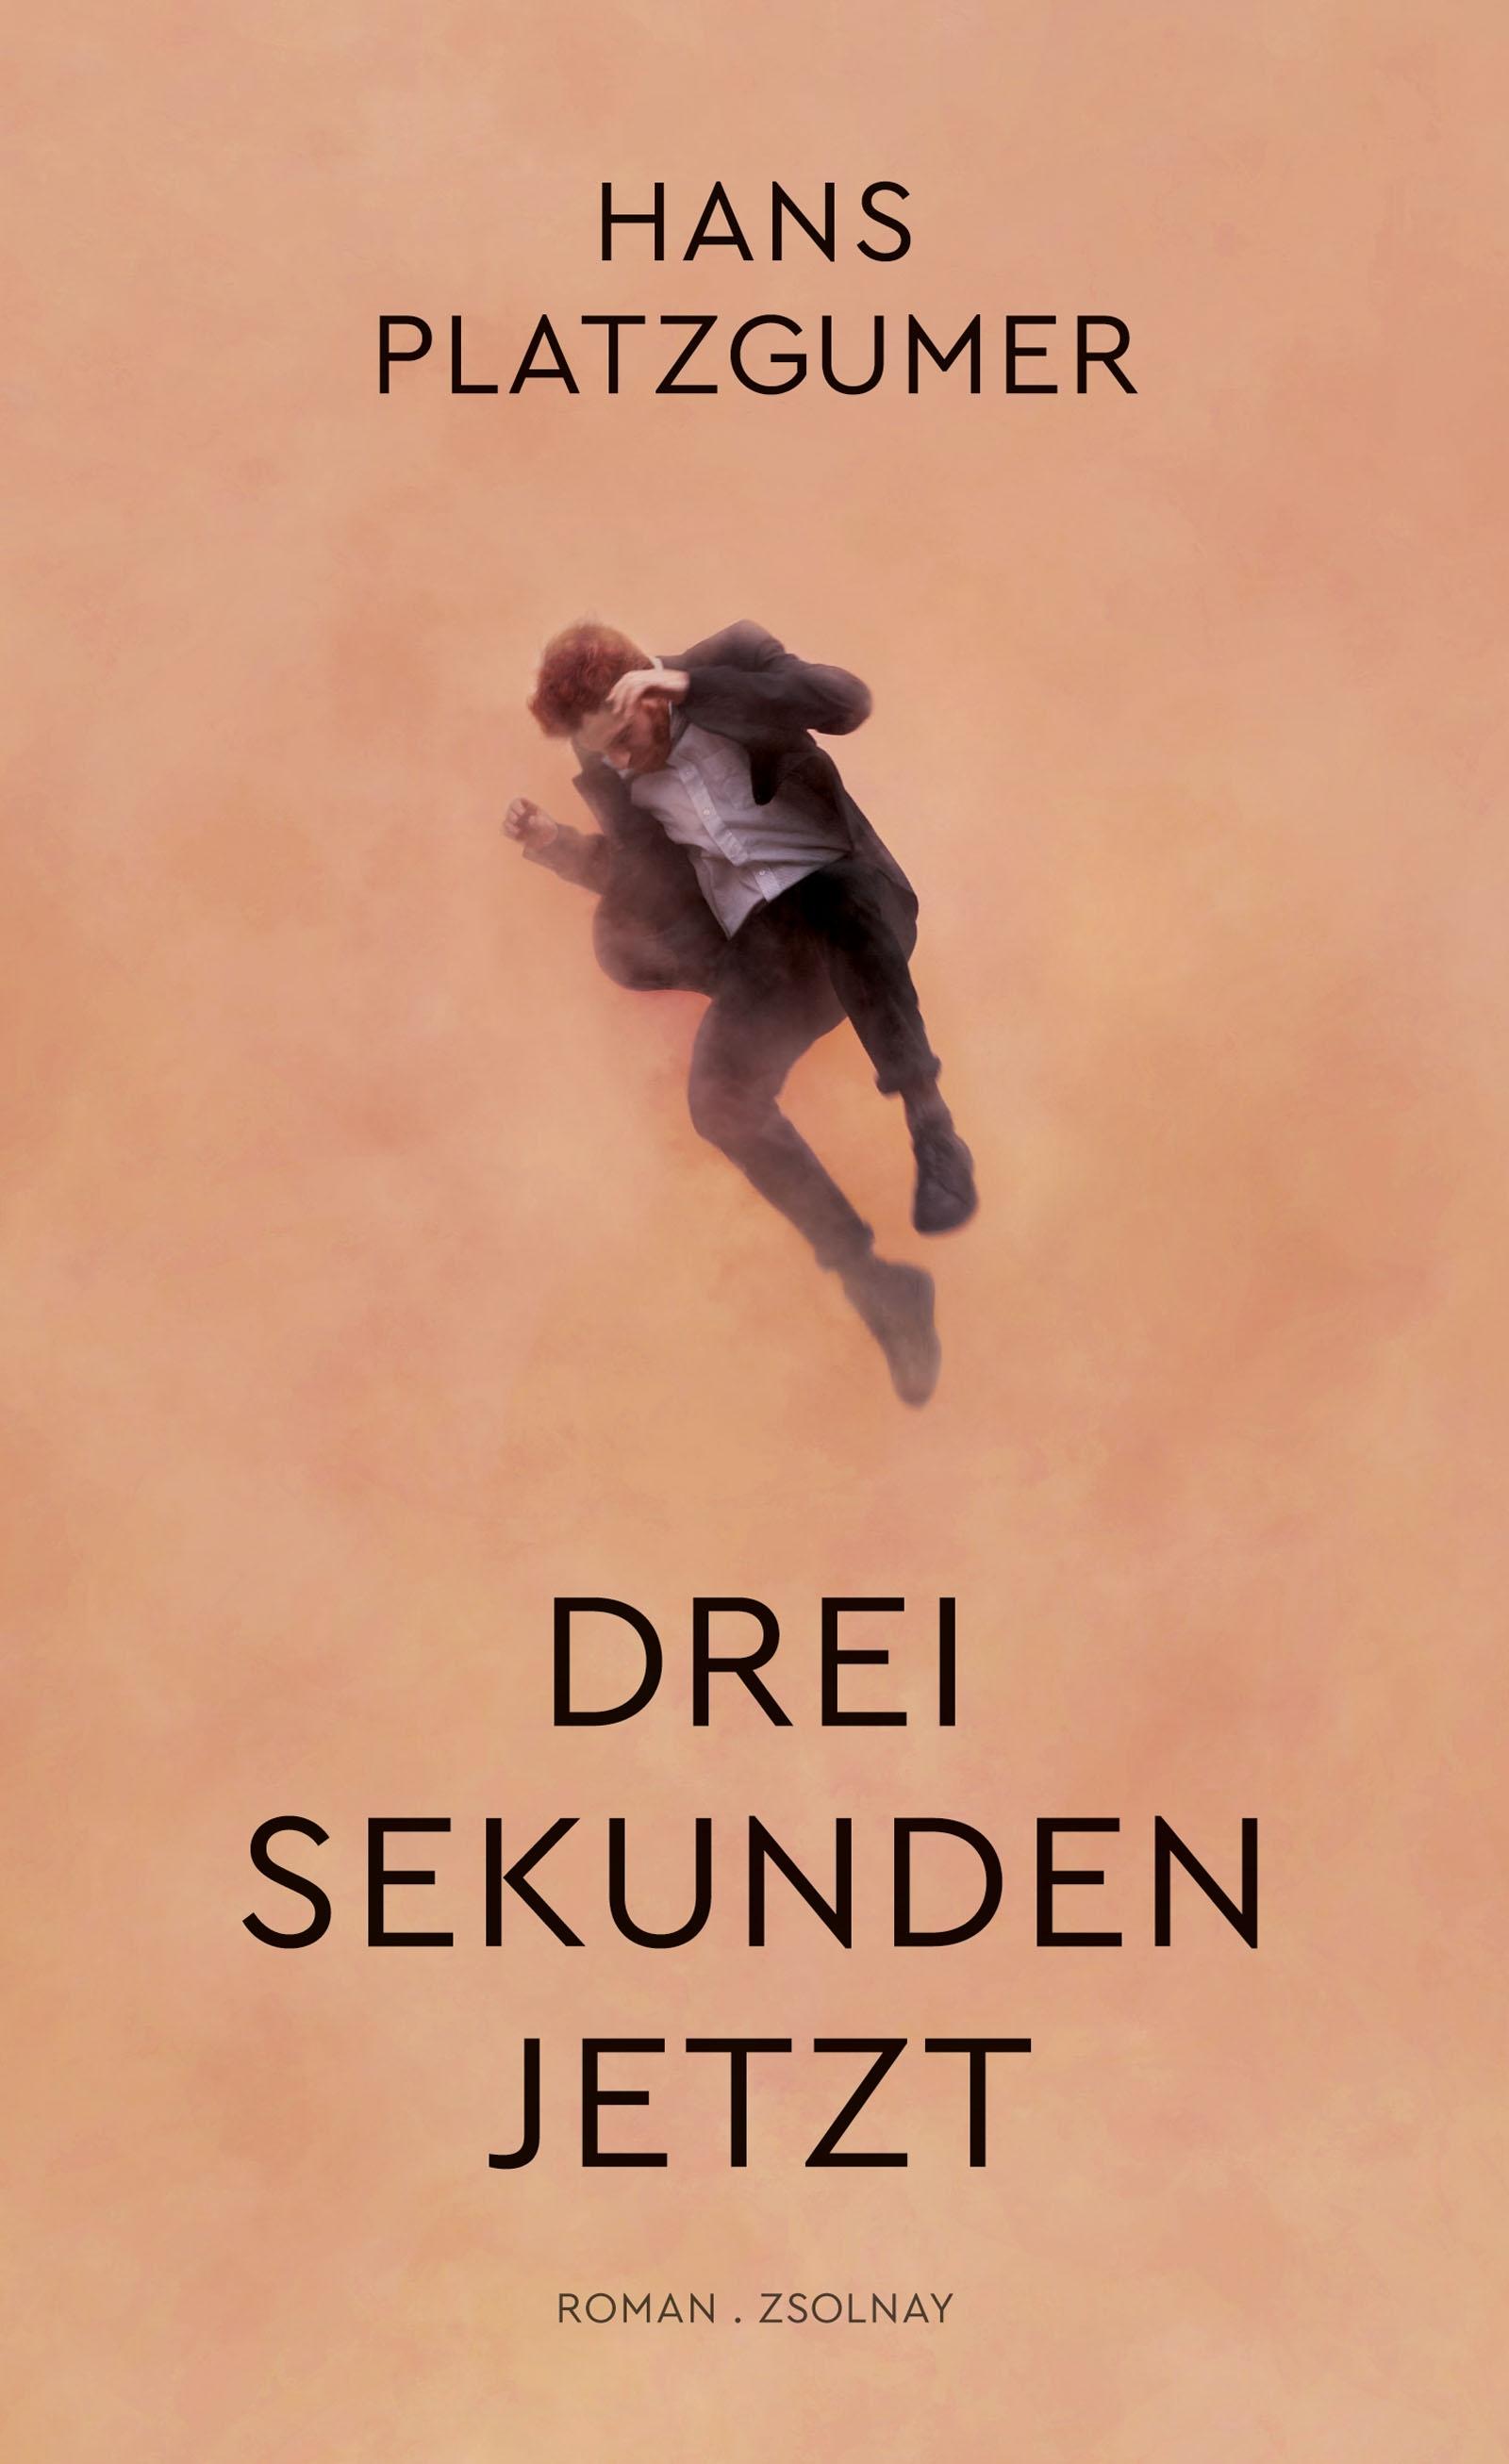 https://www.hanser-literaturverlage.de/buch/drei-sekunden-jetzt/978-3-552-05885-9/